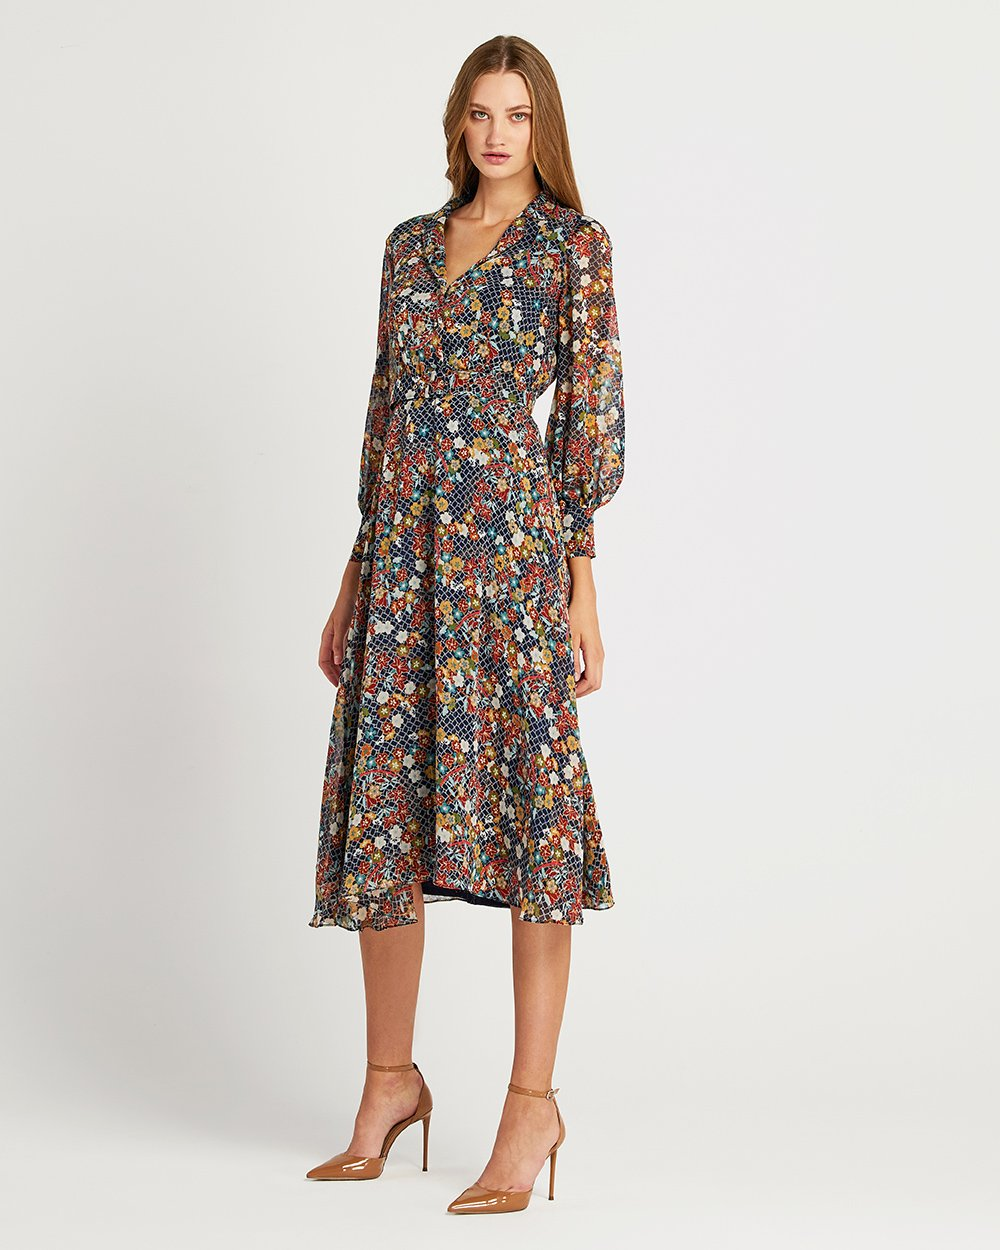 Φόρεμα με φλοράλ και γεωμετρικά στοιχεία